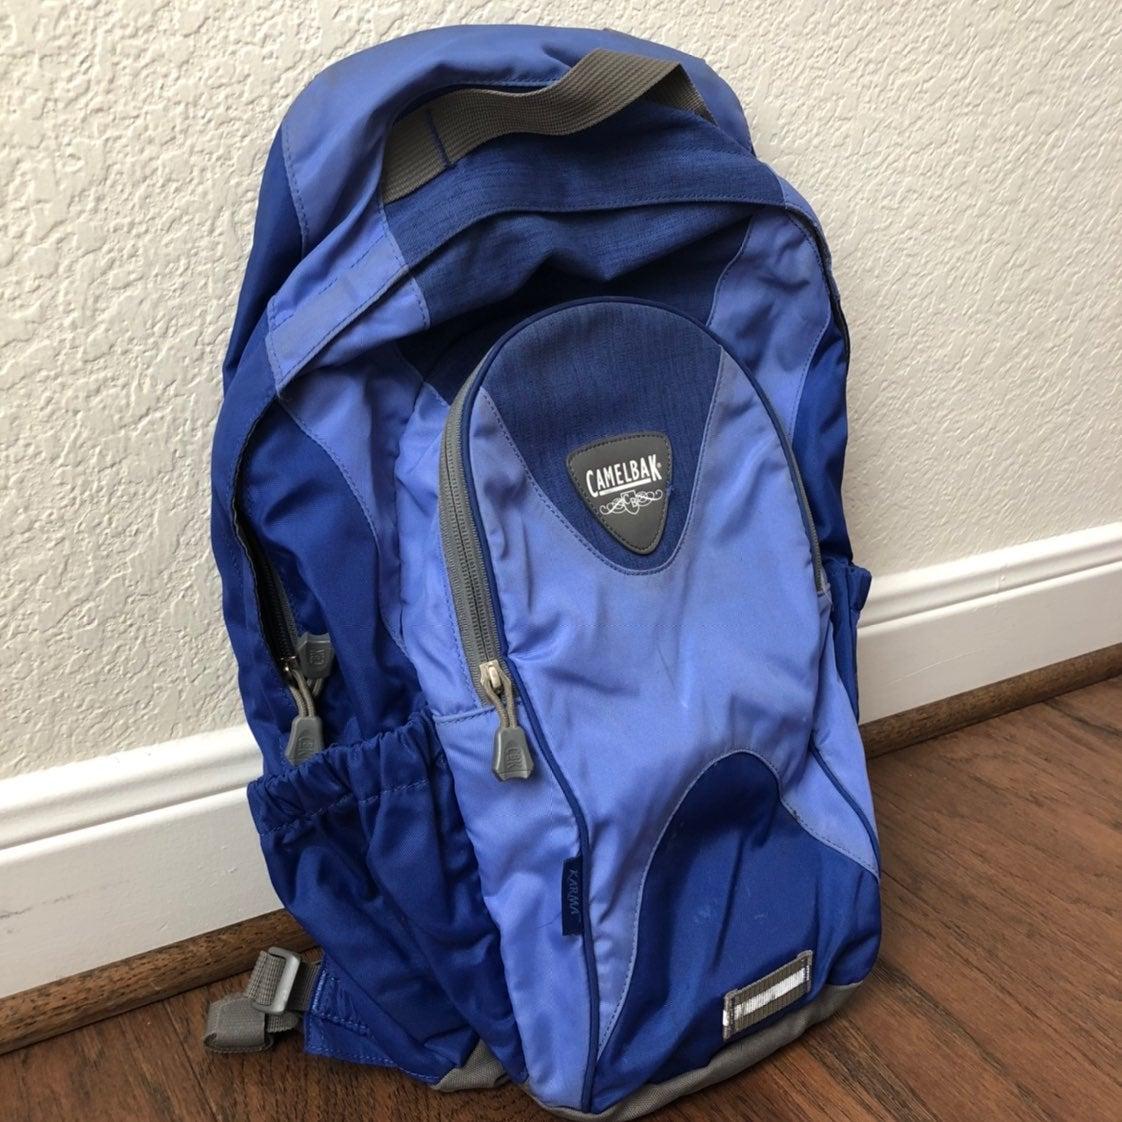 Pre-owned Camelbak Blue Backpack